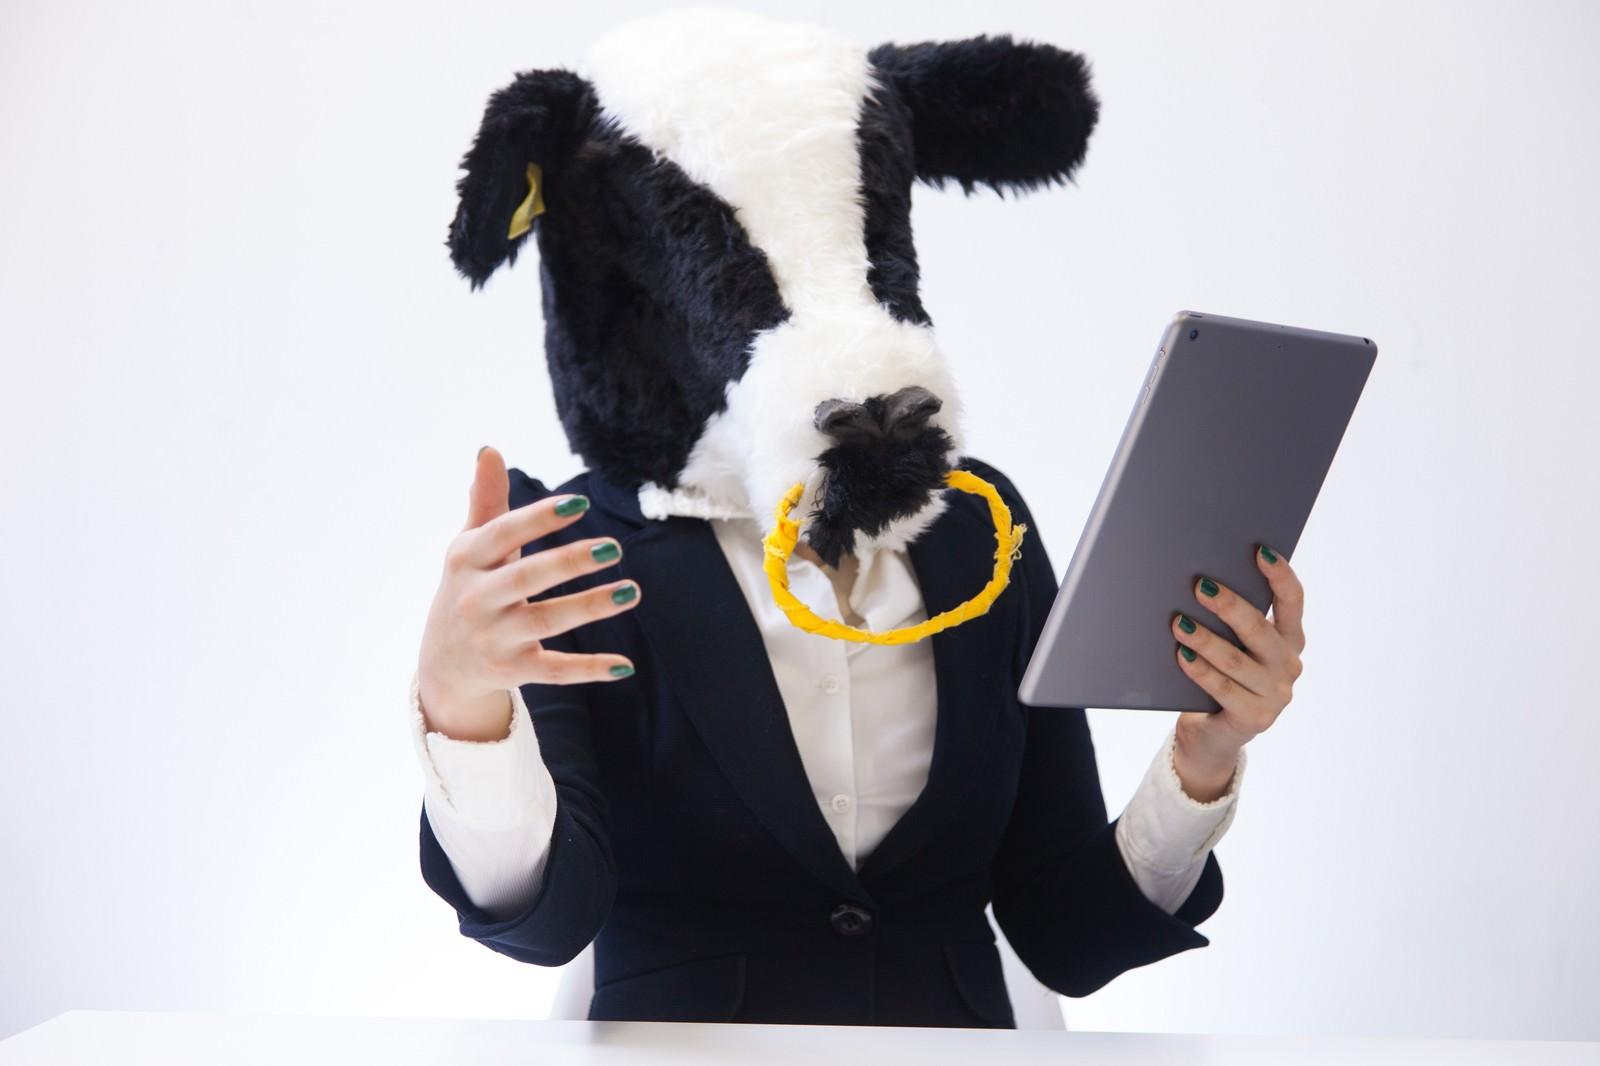 「タブレットを見ながら重要な情報を伝えようと必死な新卒の牛」の写真[モデル:古性のっち]